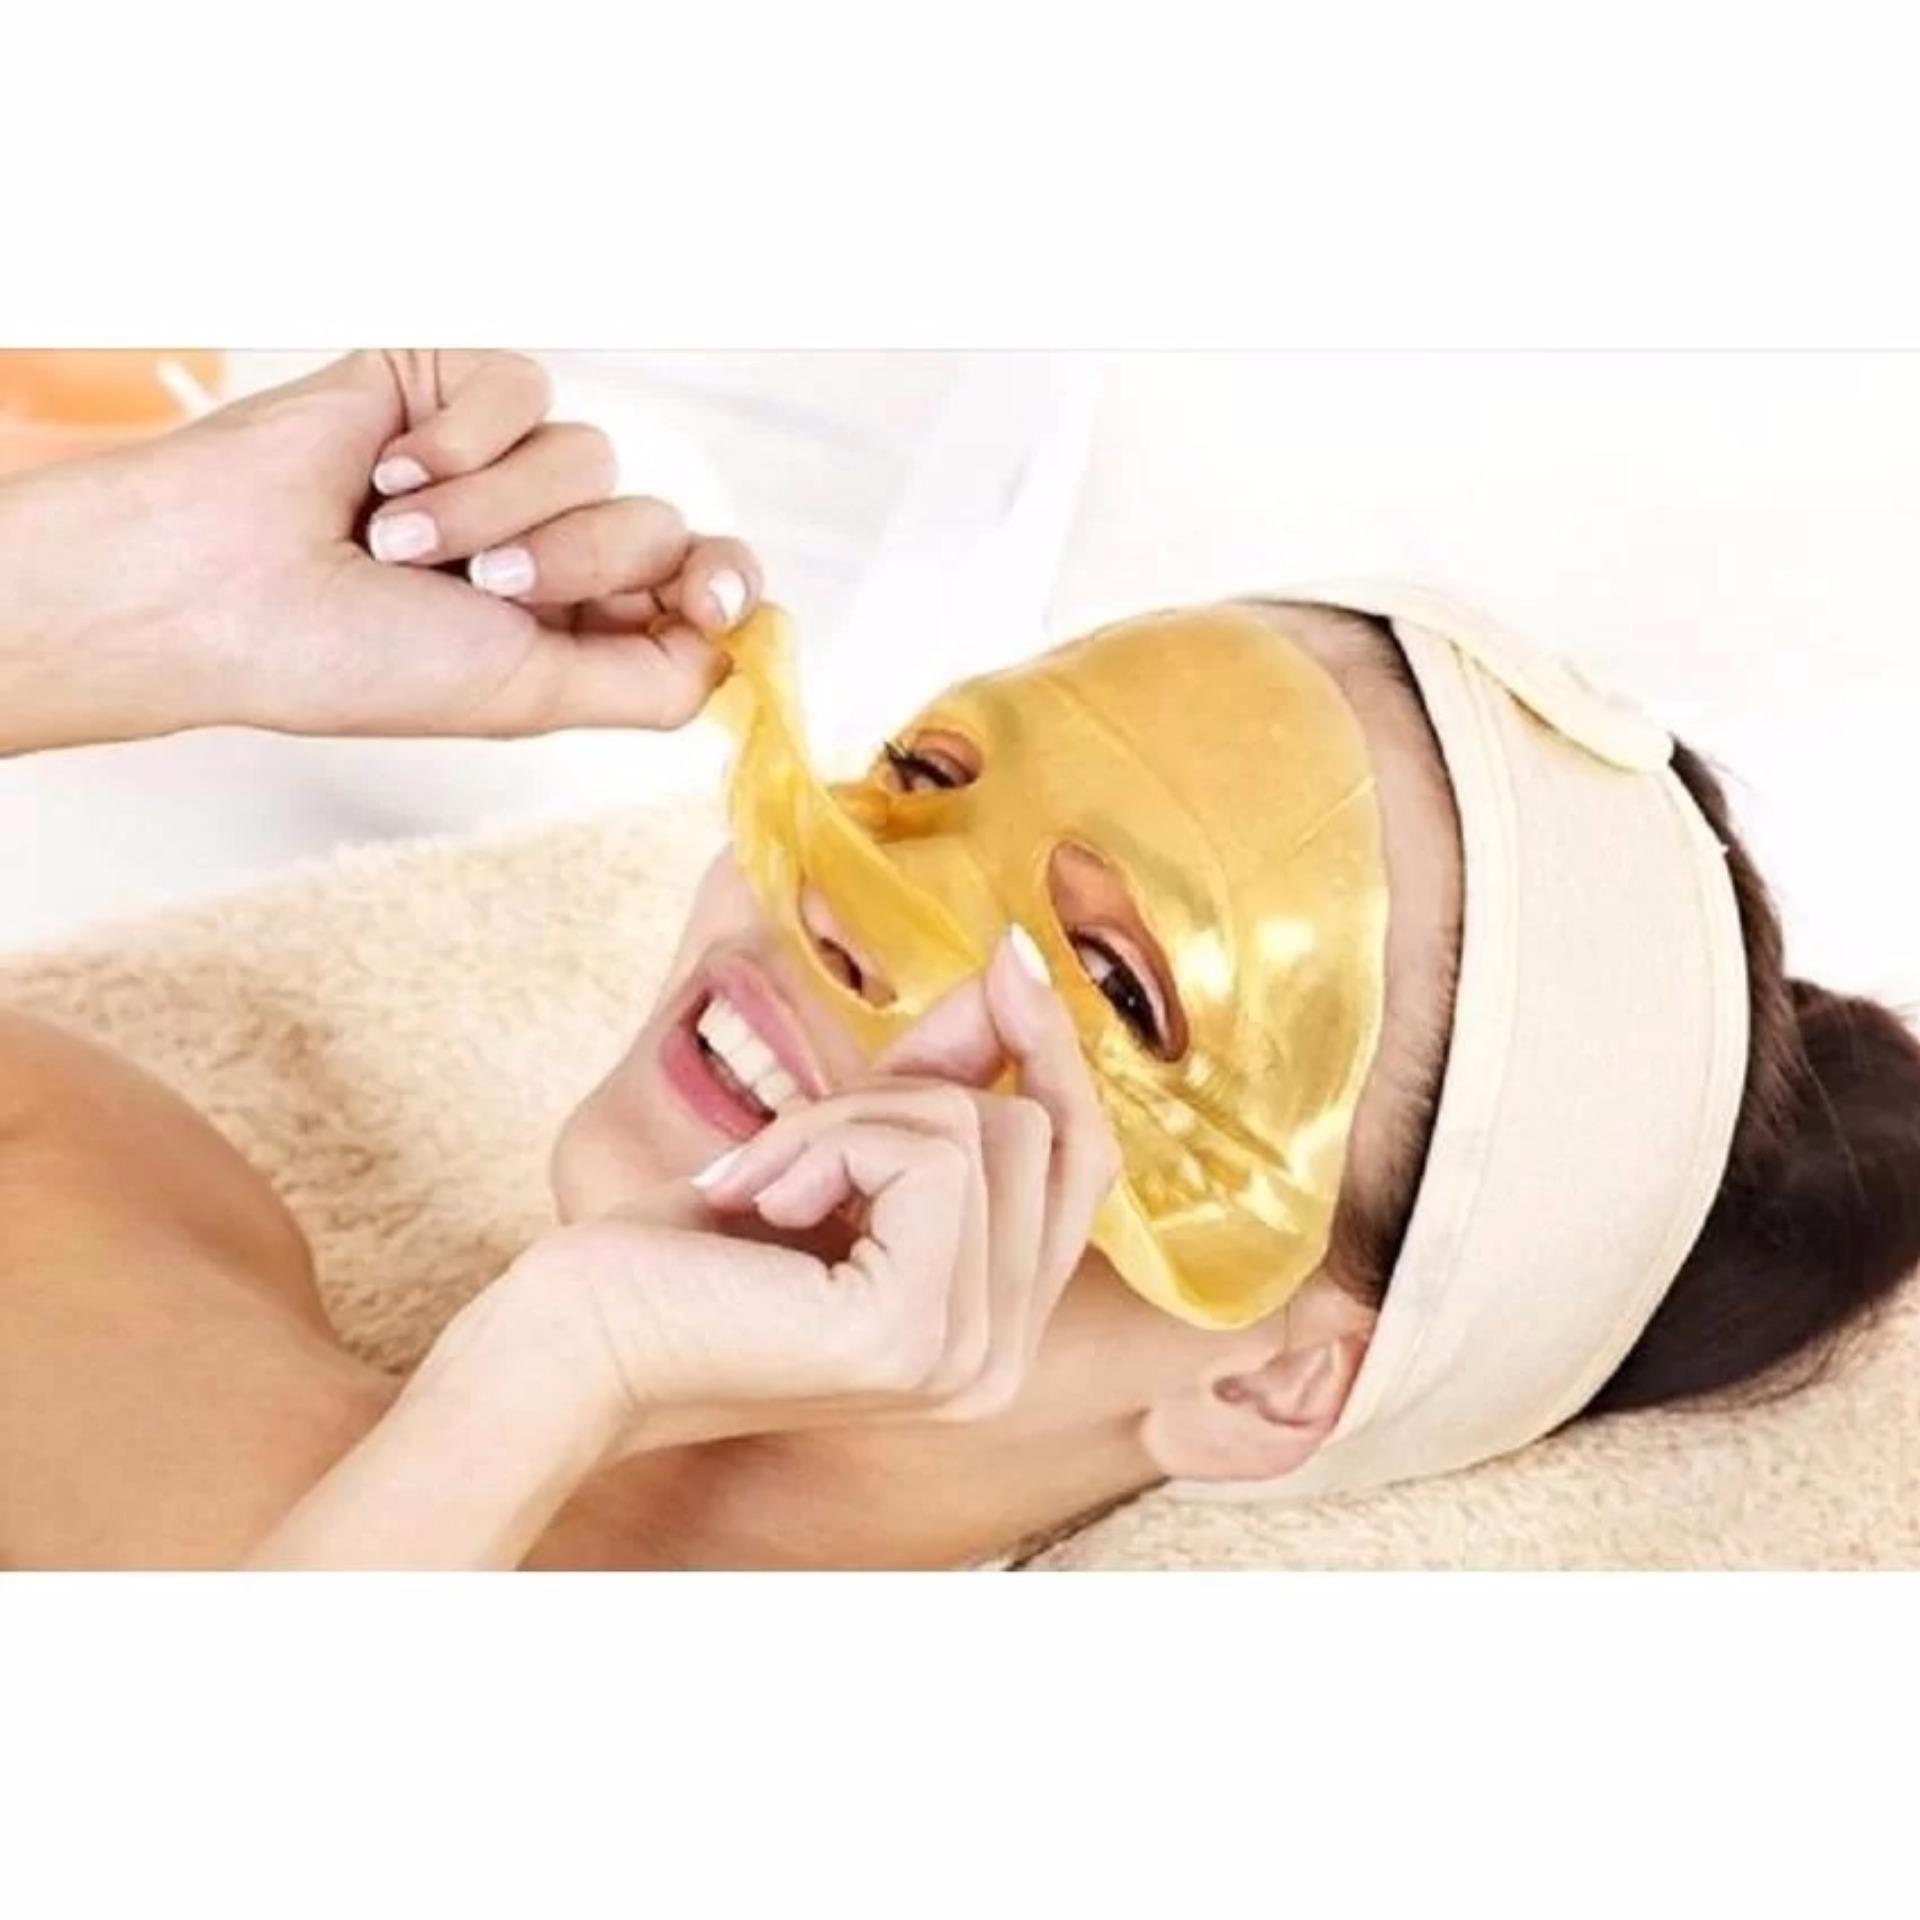 Black Collagen Crystal Facial Mask Isi 3 Buah Daftar Harga Terbaru Masker Topeng Gold Bio 1